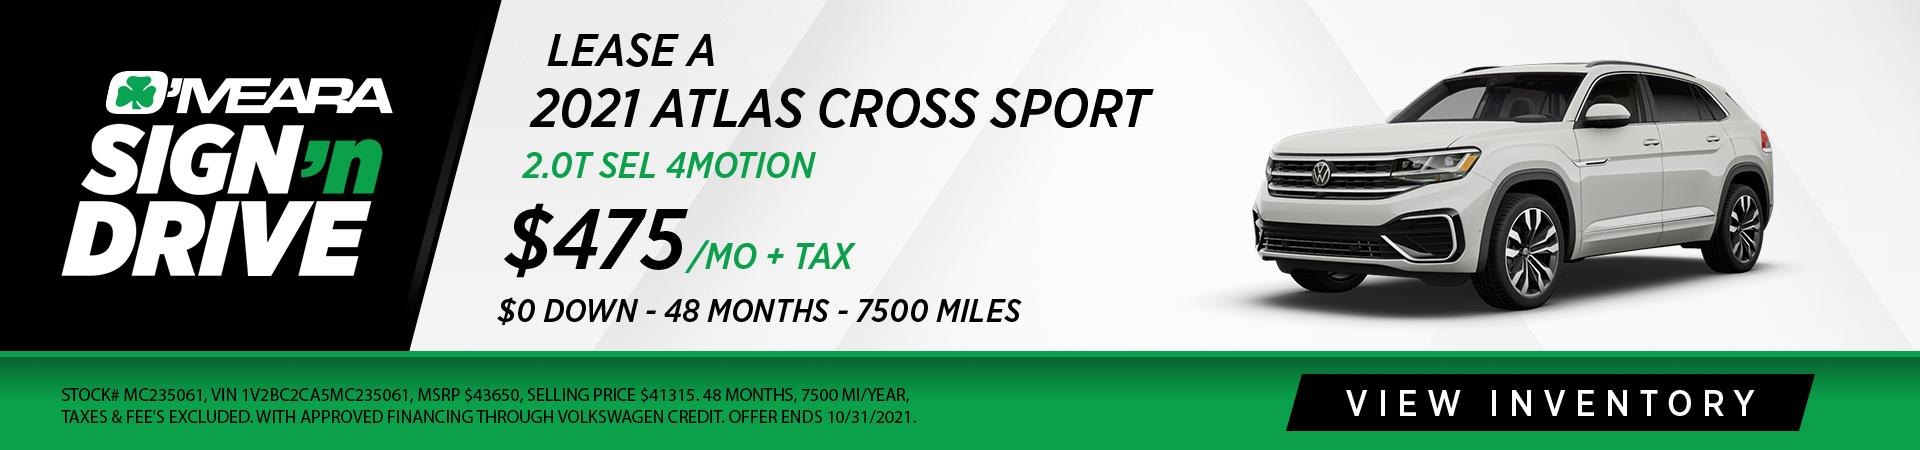 atlass-cross-sport